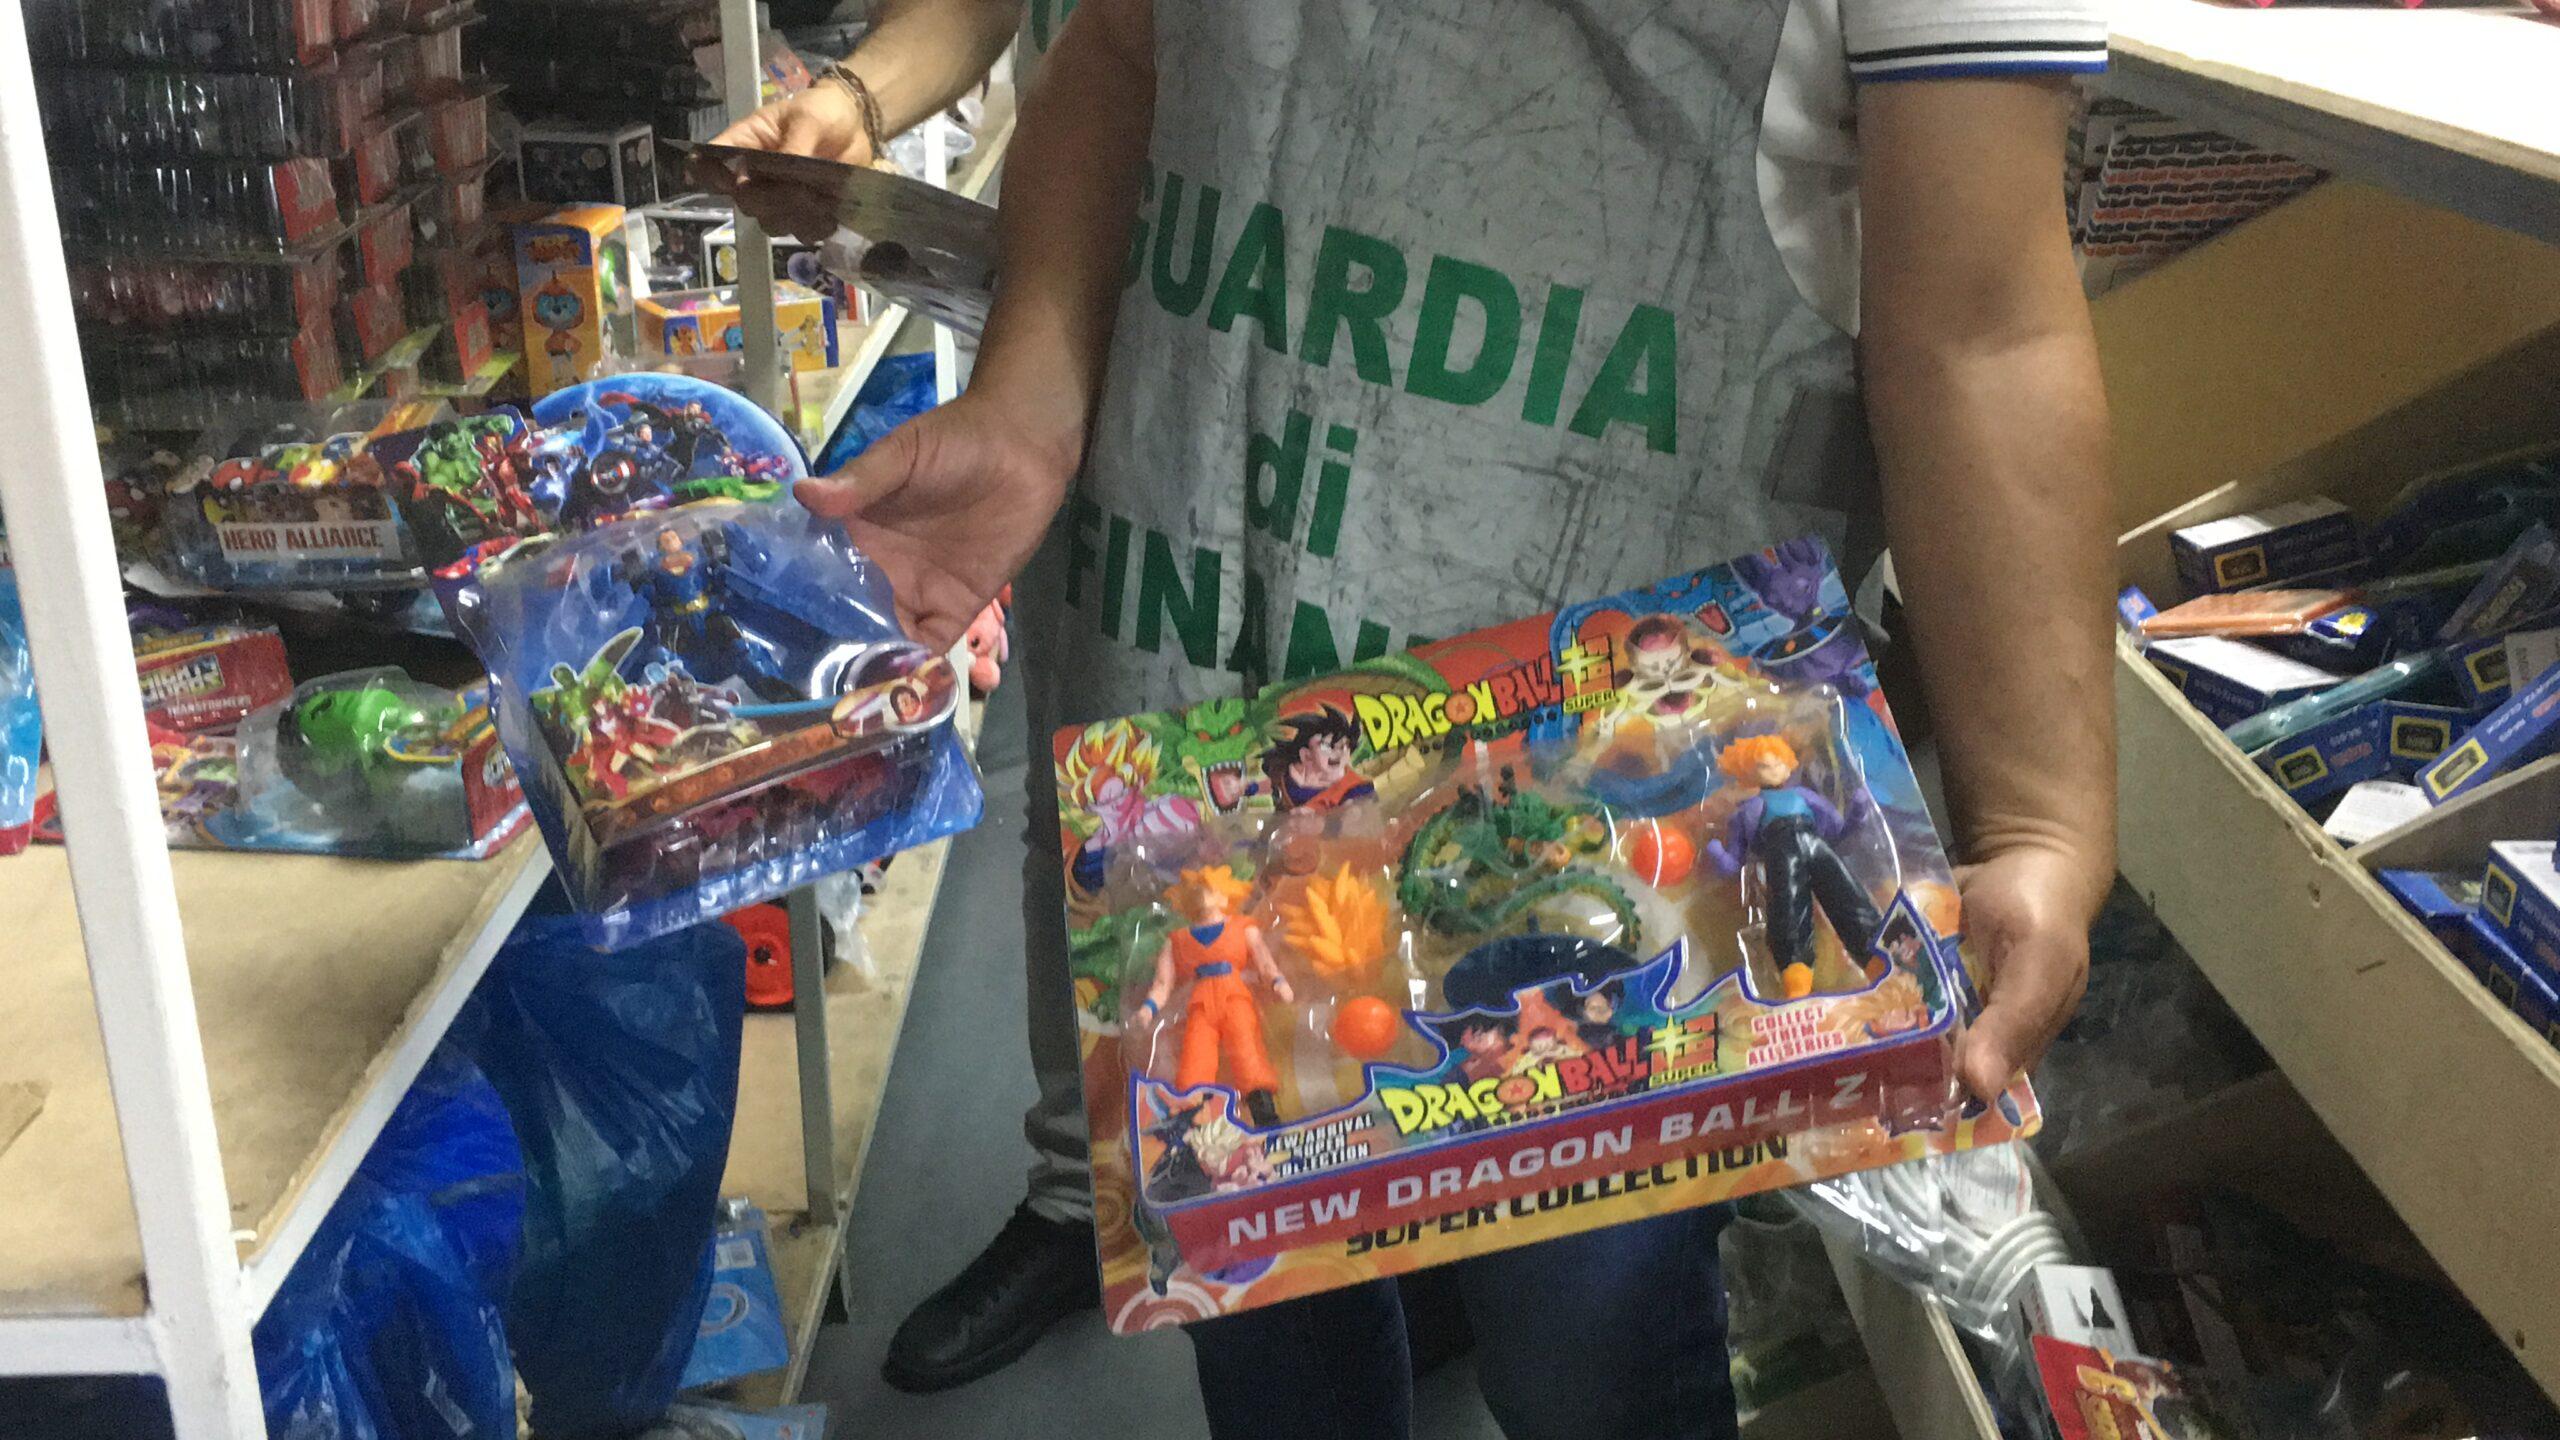 Catania, sequestro di giocattoli contraffatti e merce non sicura – DETTAGLI